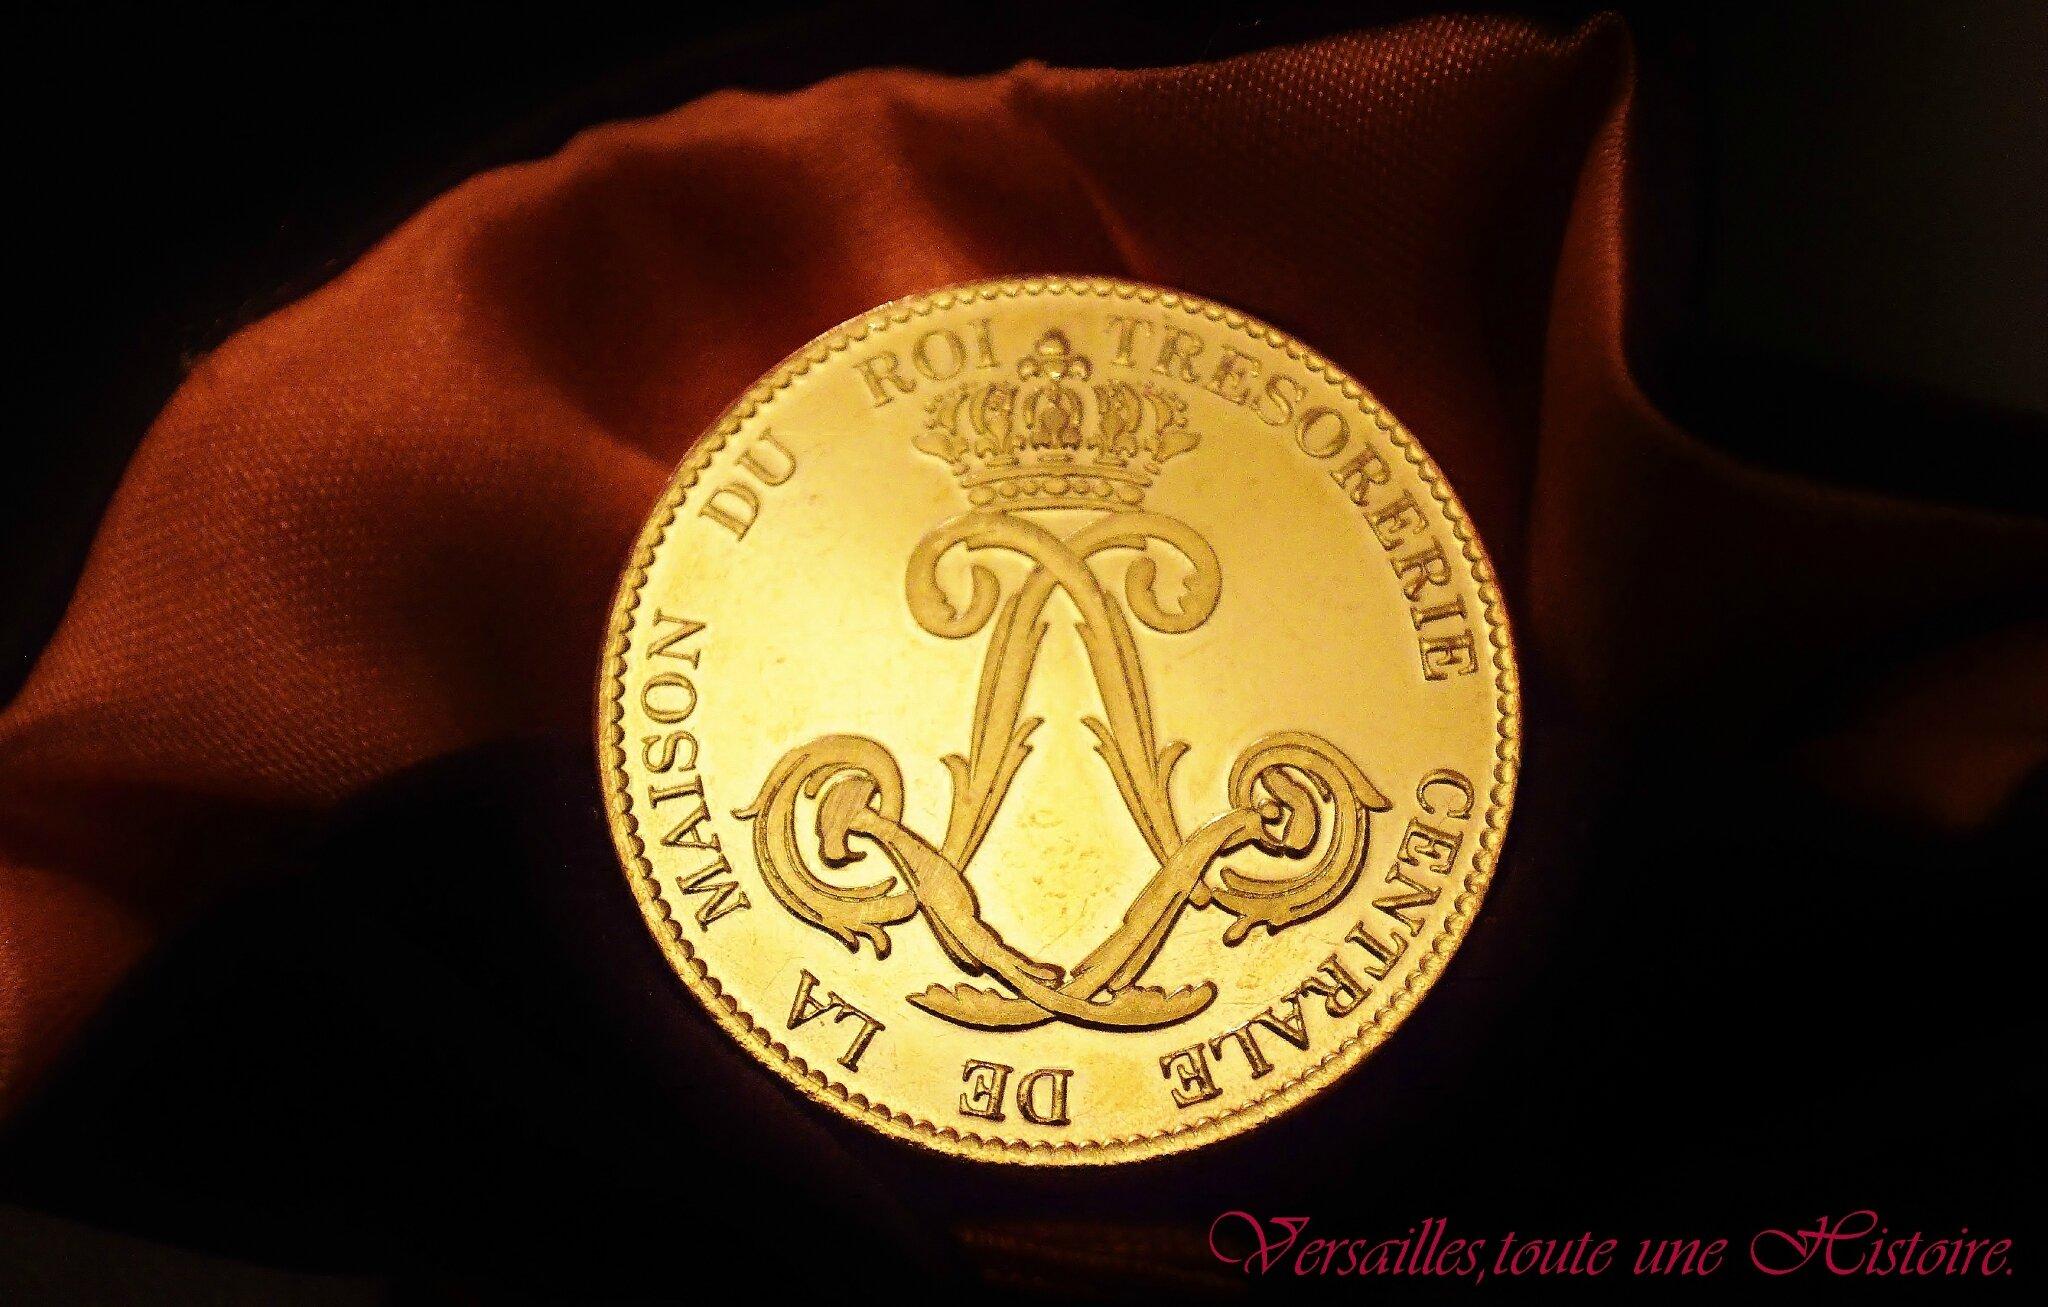 Devenir #mecene du @CVersailles pour 5 euros, c'est possible! #versailles #mecenat